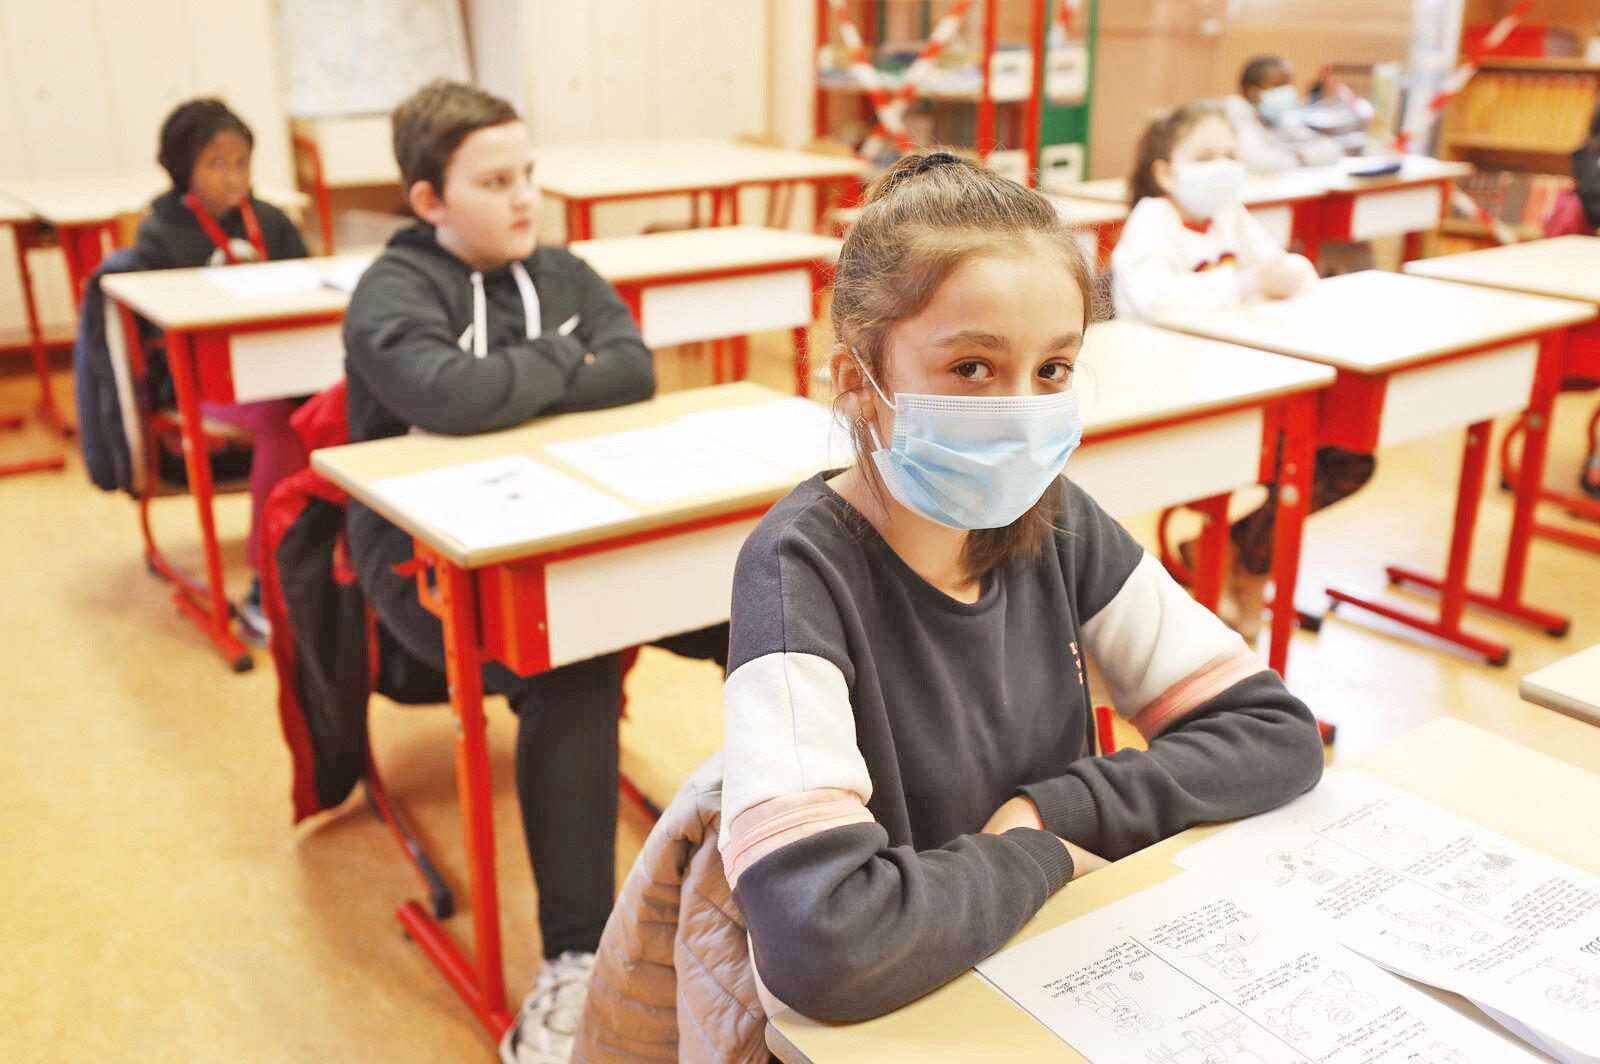 """Milli Eğitim Bakanı Ziya Selçuk """"Okullarımızı 21 Eylül'de yeniden açma konusunda büyük bir çaba içerisindeyiz"""" derken uzmanlar okulların açılması için 12-17 yaş arasının aşılanması gerektiğine vurgu yapıyor."""